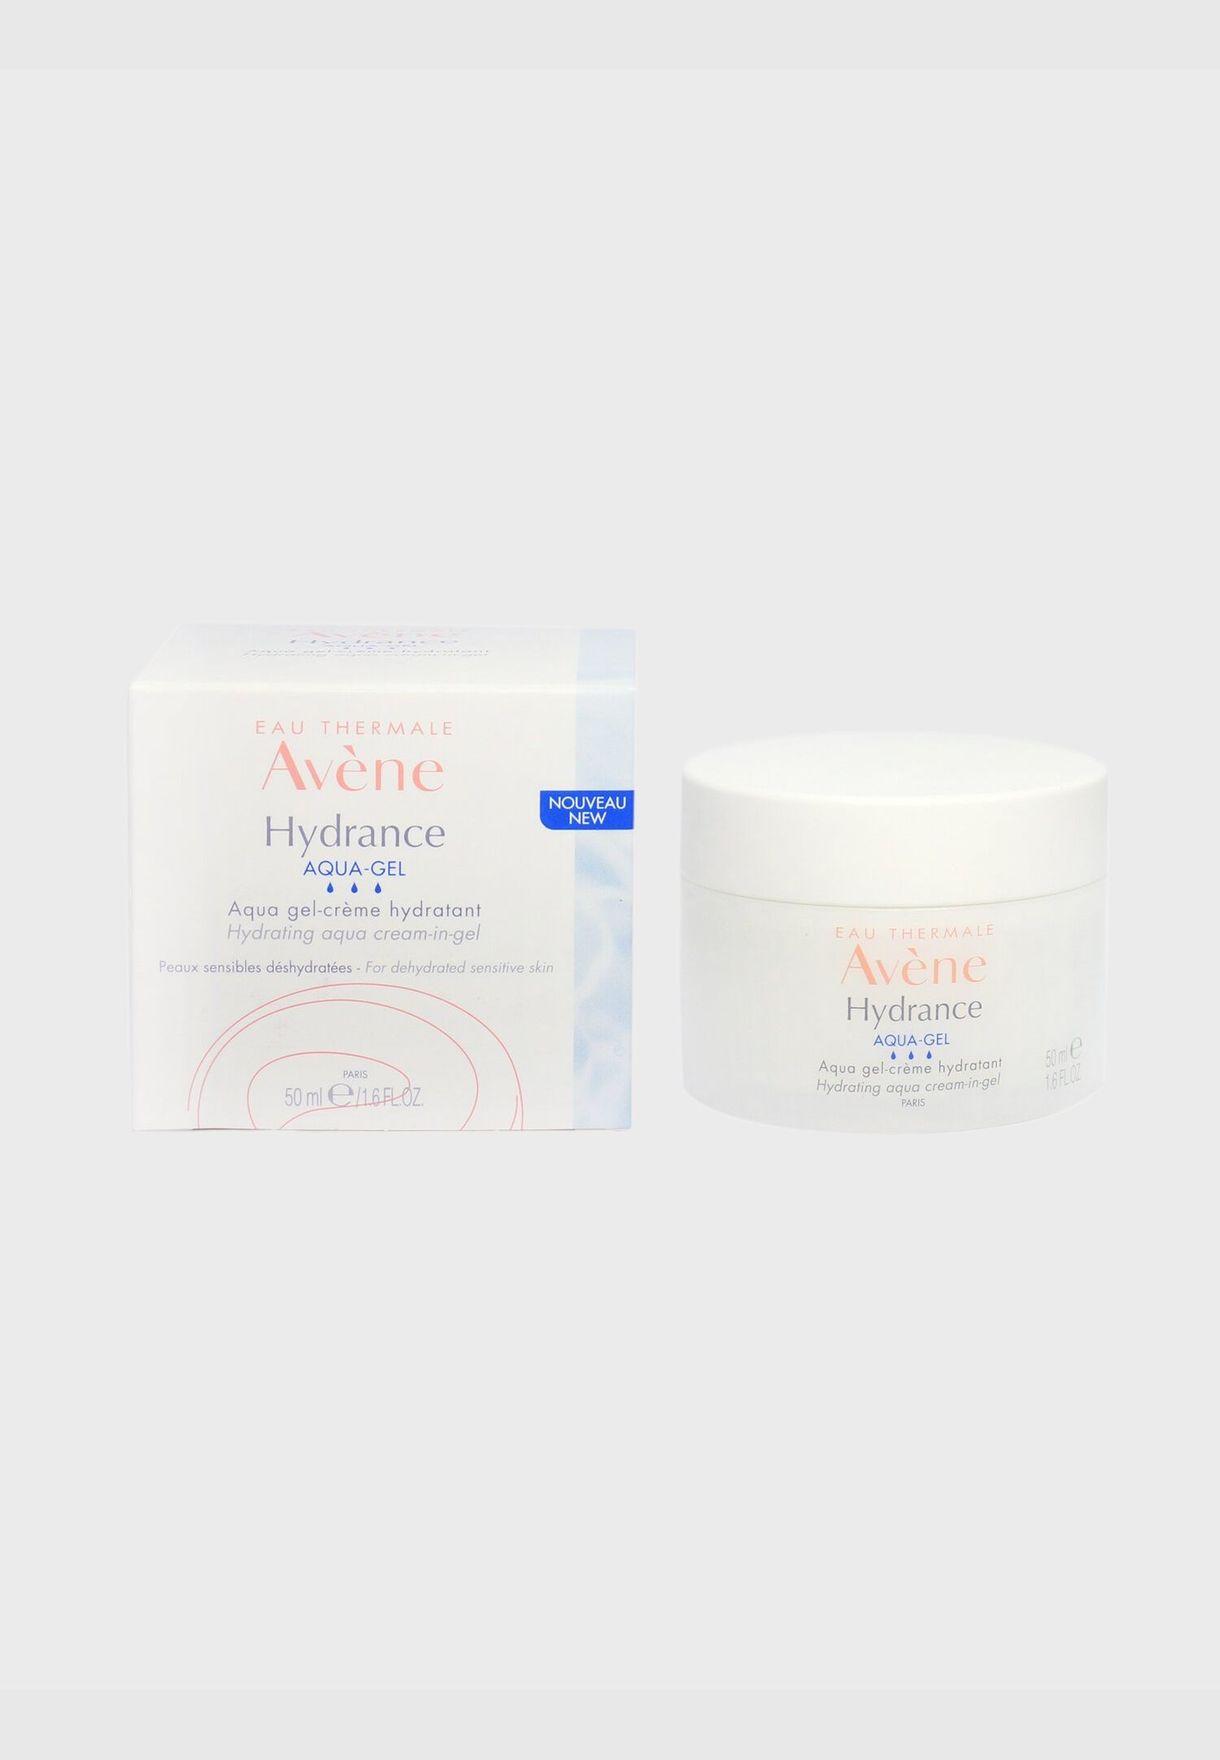 Hydrance AQUA-GEL Hydrating Aqua Cream-In-Gel - For Dehydrated Sensitive Skin